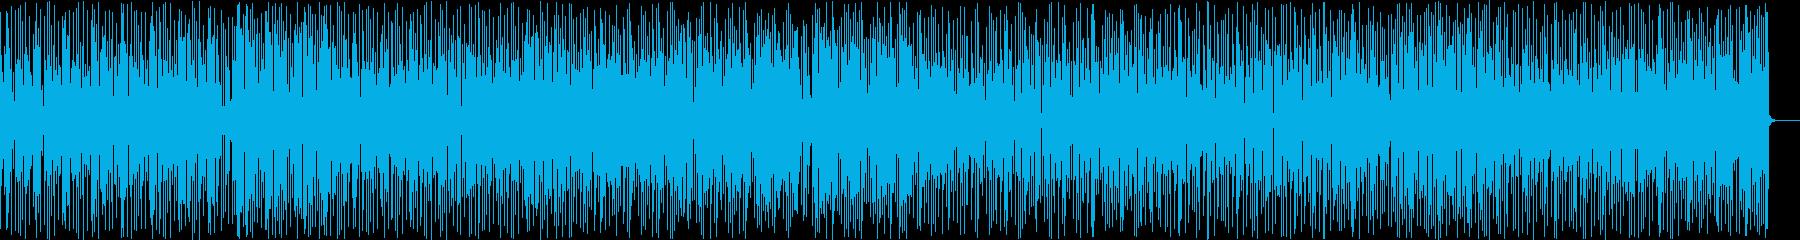 ウキウキ可愛い!爽やかな日常系BGMの再生済みの波形